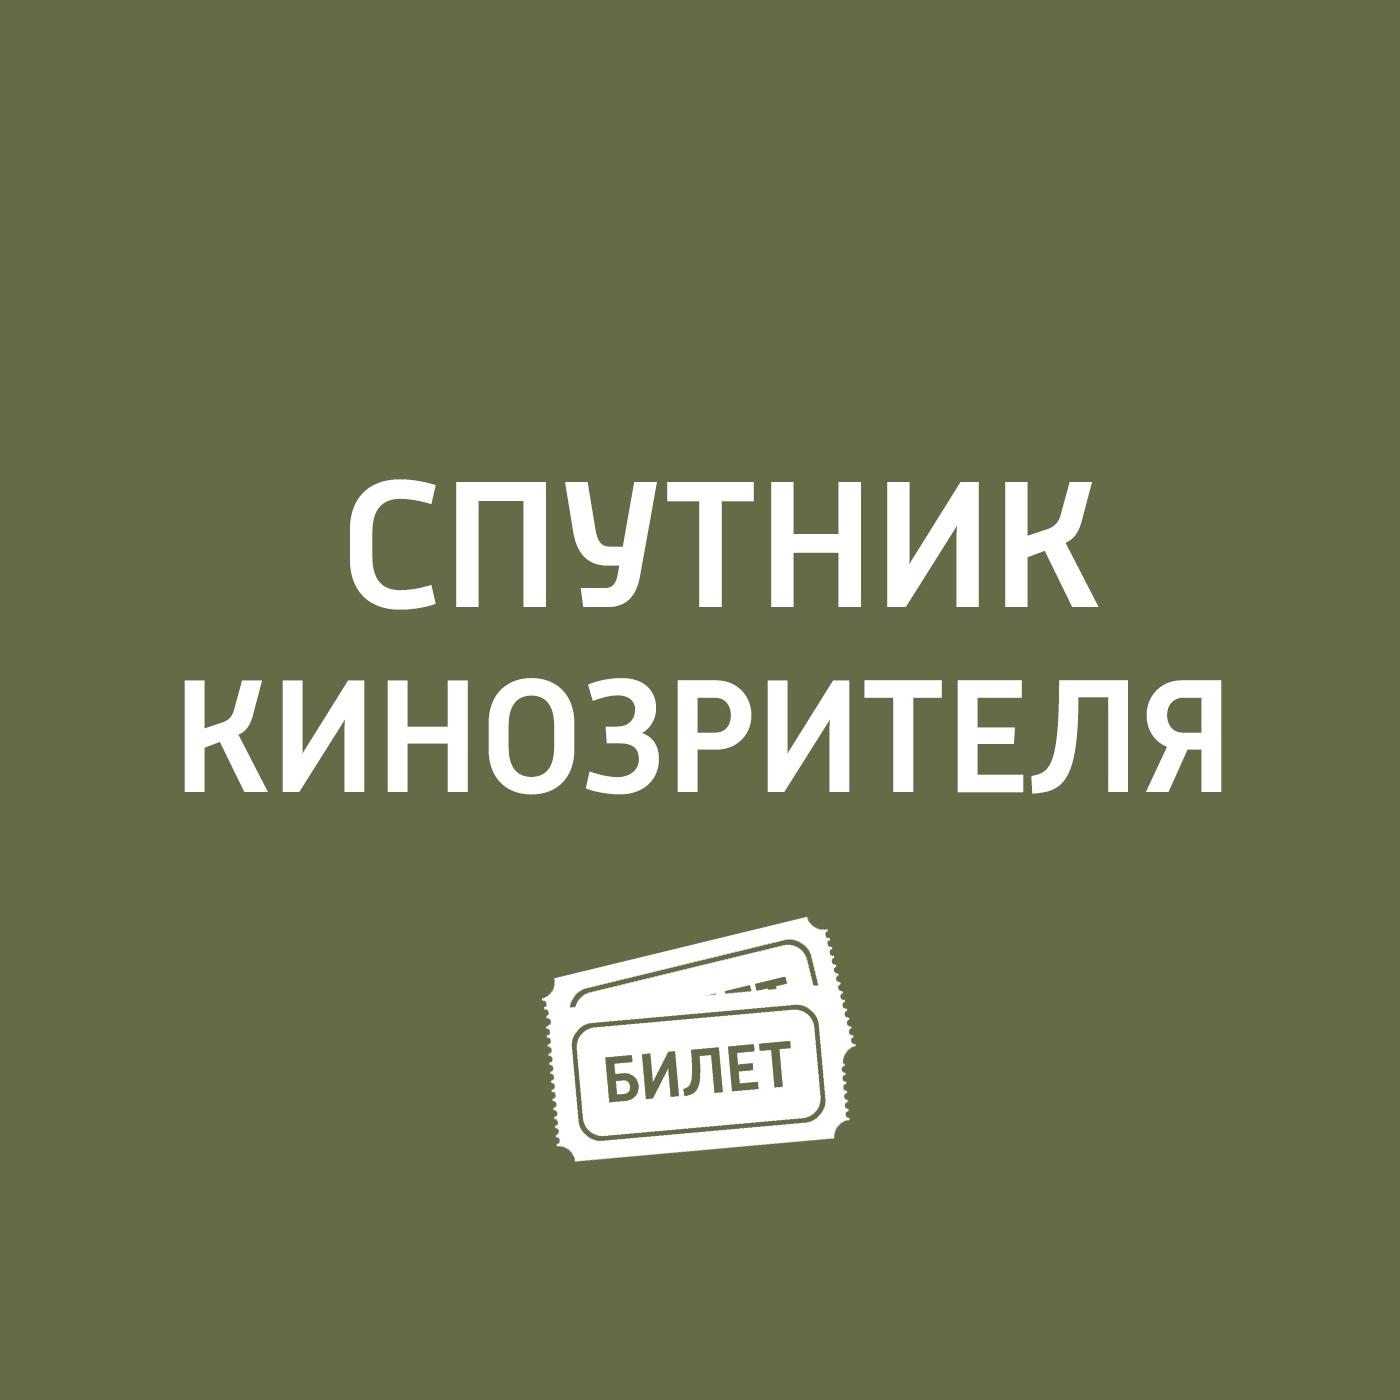 Антон Долин Война миров Z, «Пена дней архивариус война миров том ii